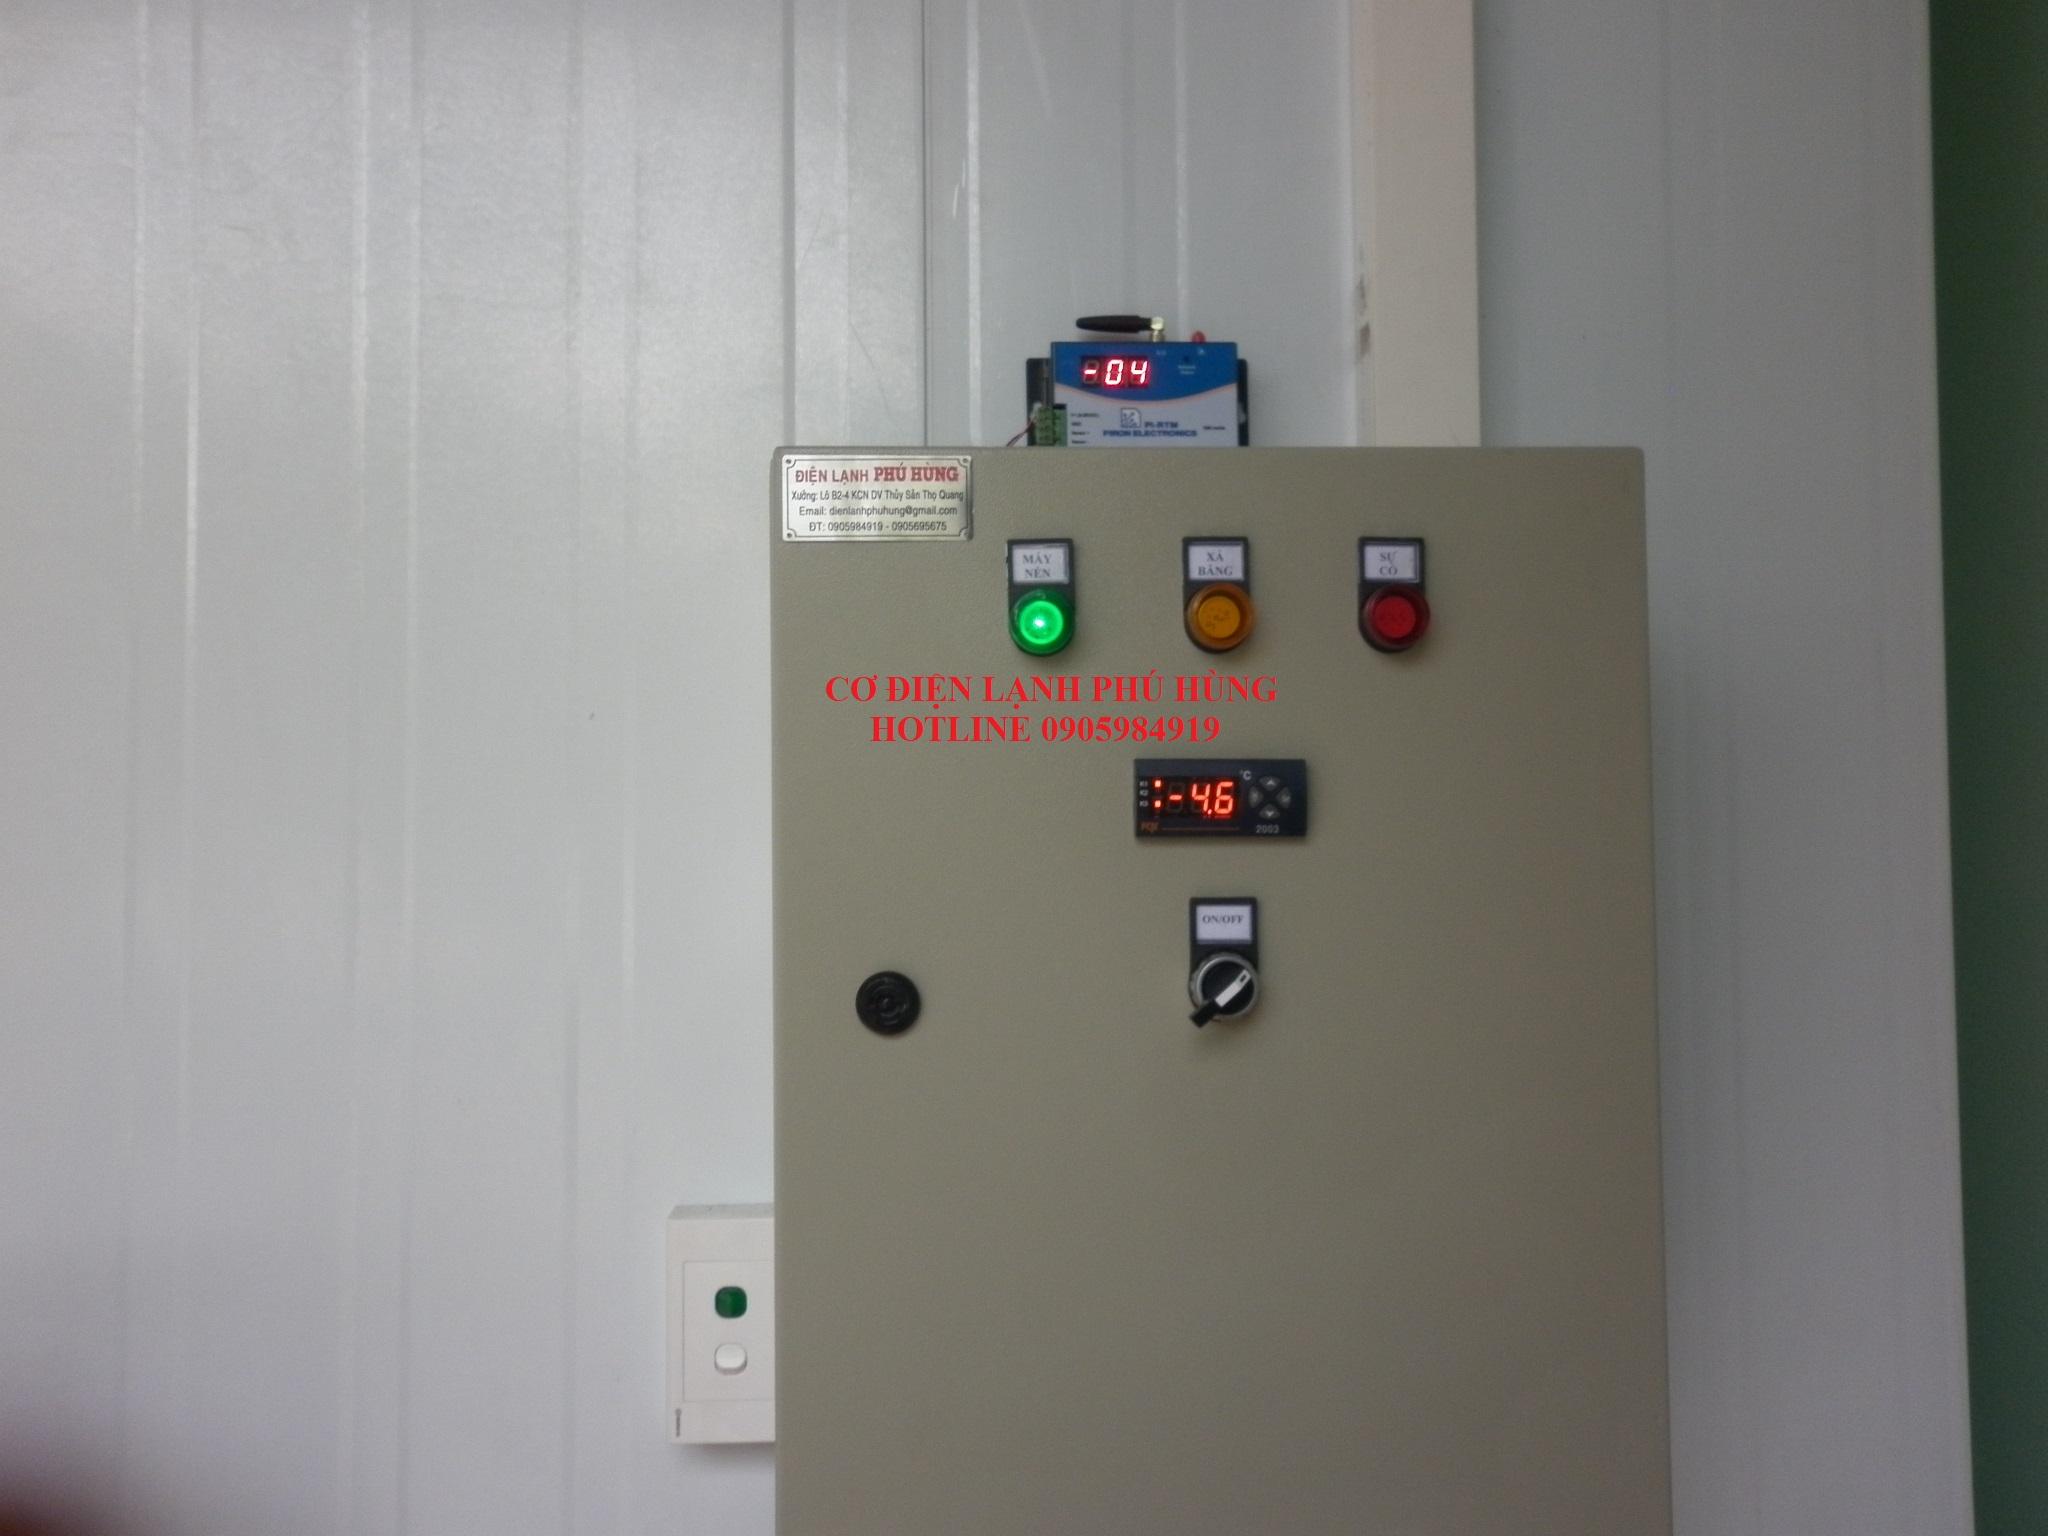 TTủ điện điều khiển kho lạnh Đà Nẵngh